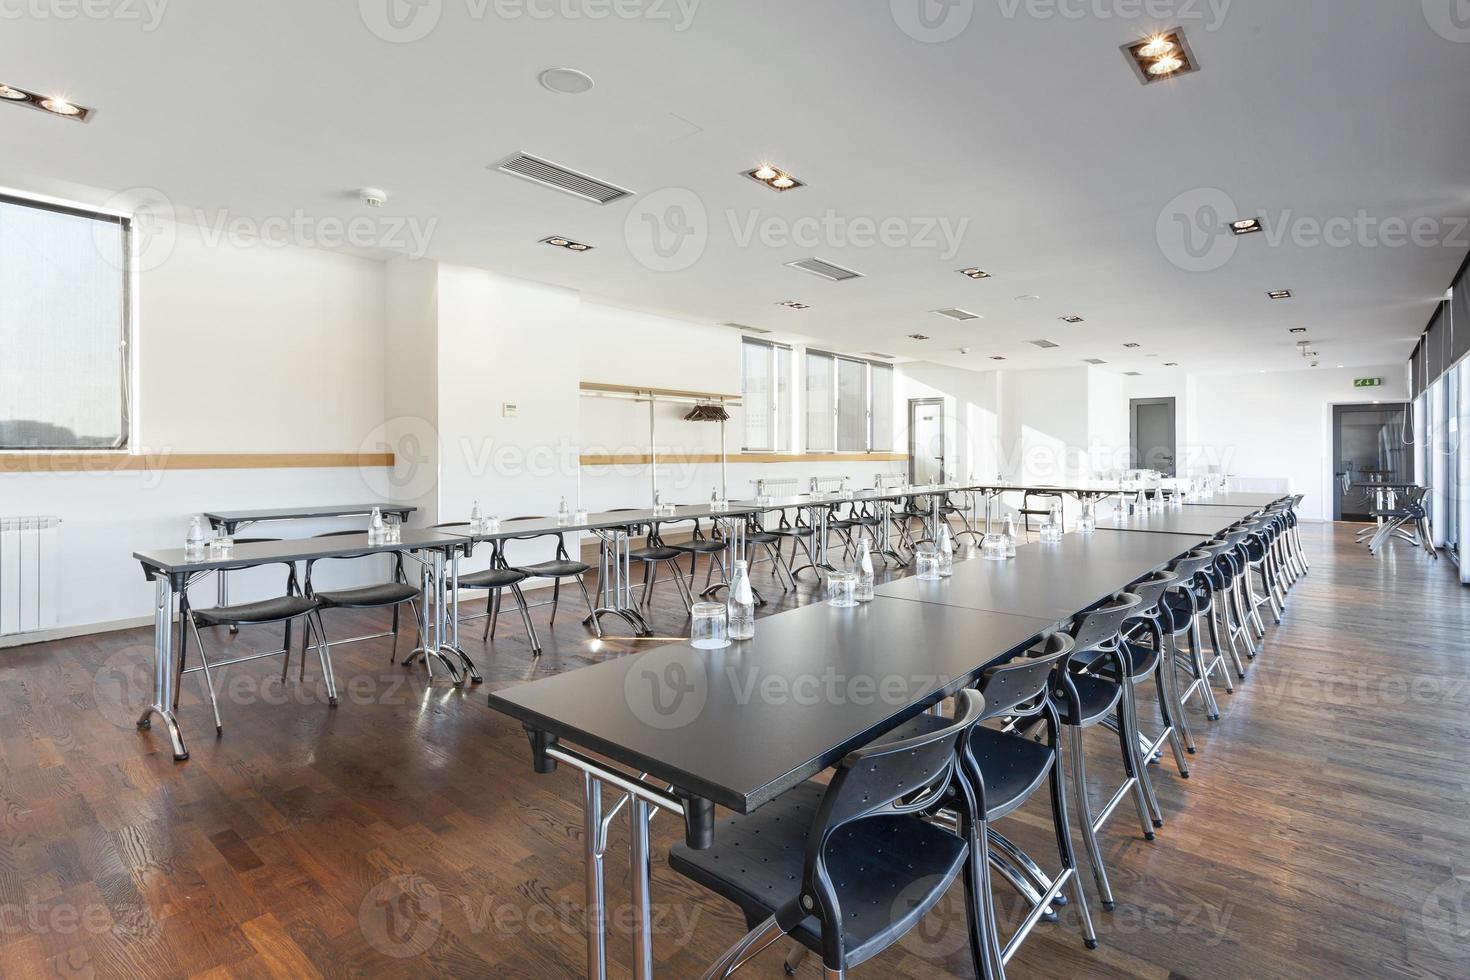 großer Konferenzraum bereit für Geschäftstreffen foto